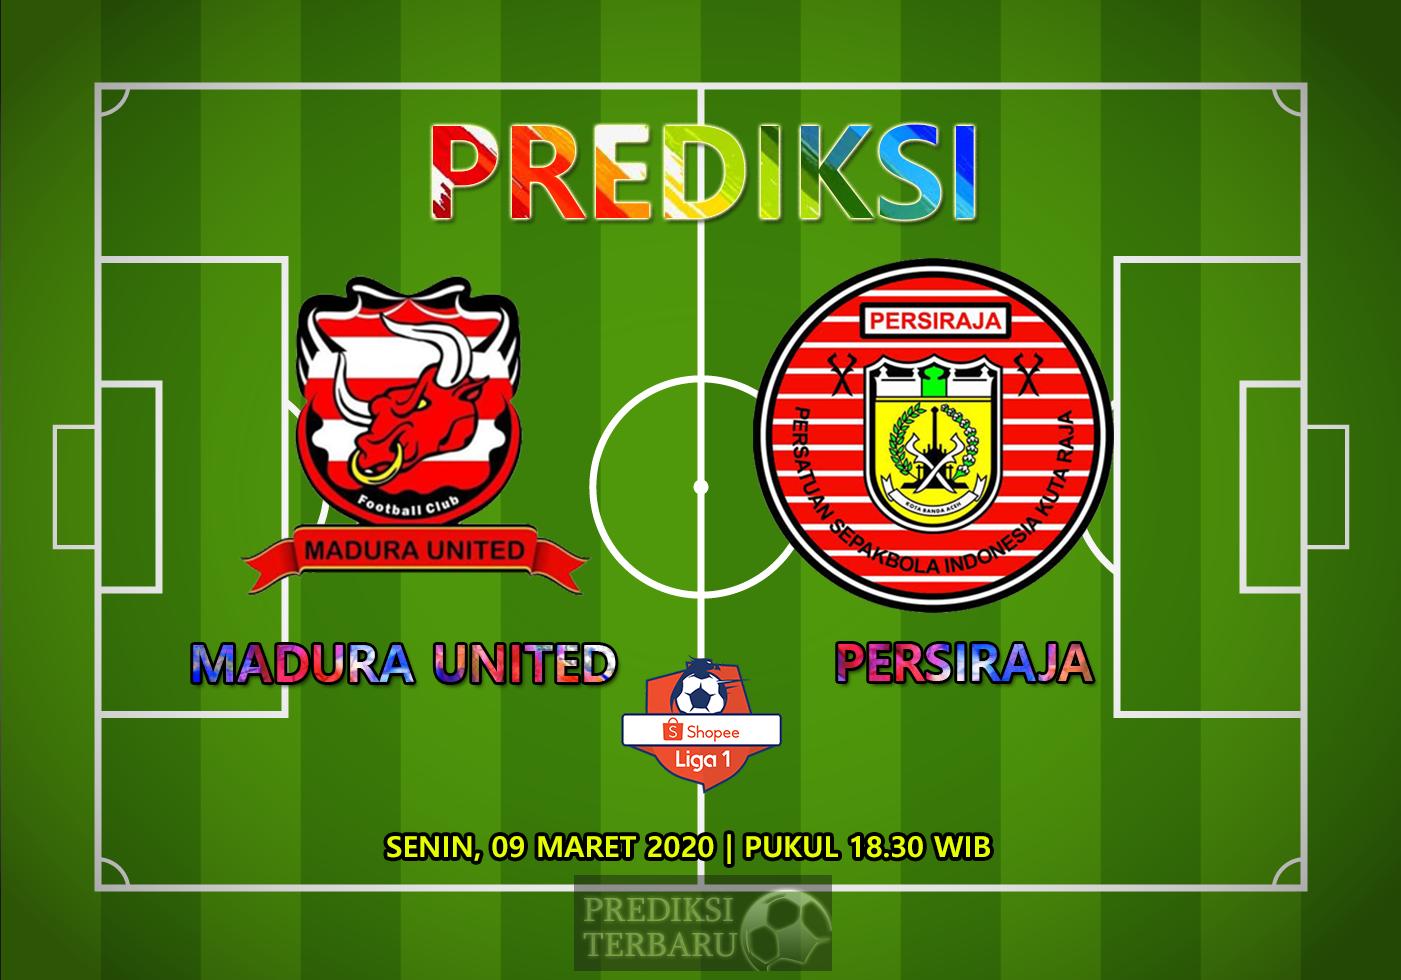 Prediksi Madura United Vs Persiraja Banda Aceh Selasa 09 Maret